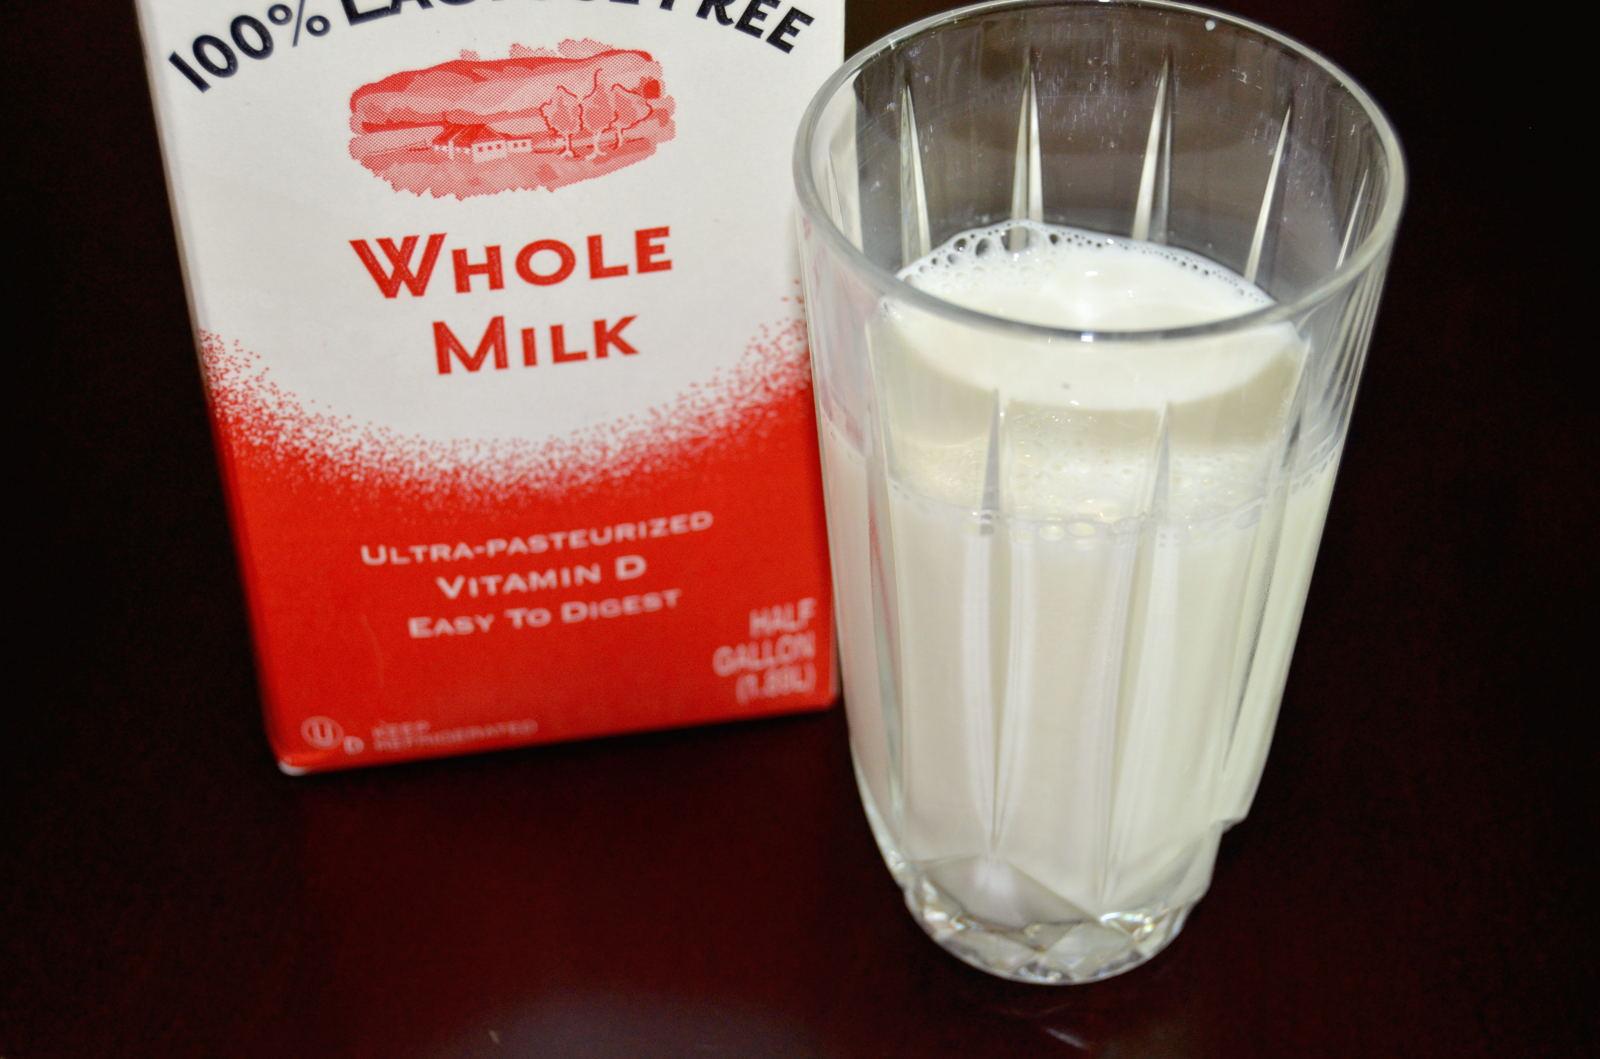 豆乳を牛乳の代用で使うことは可能?